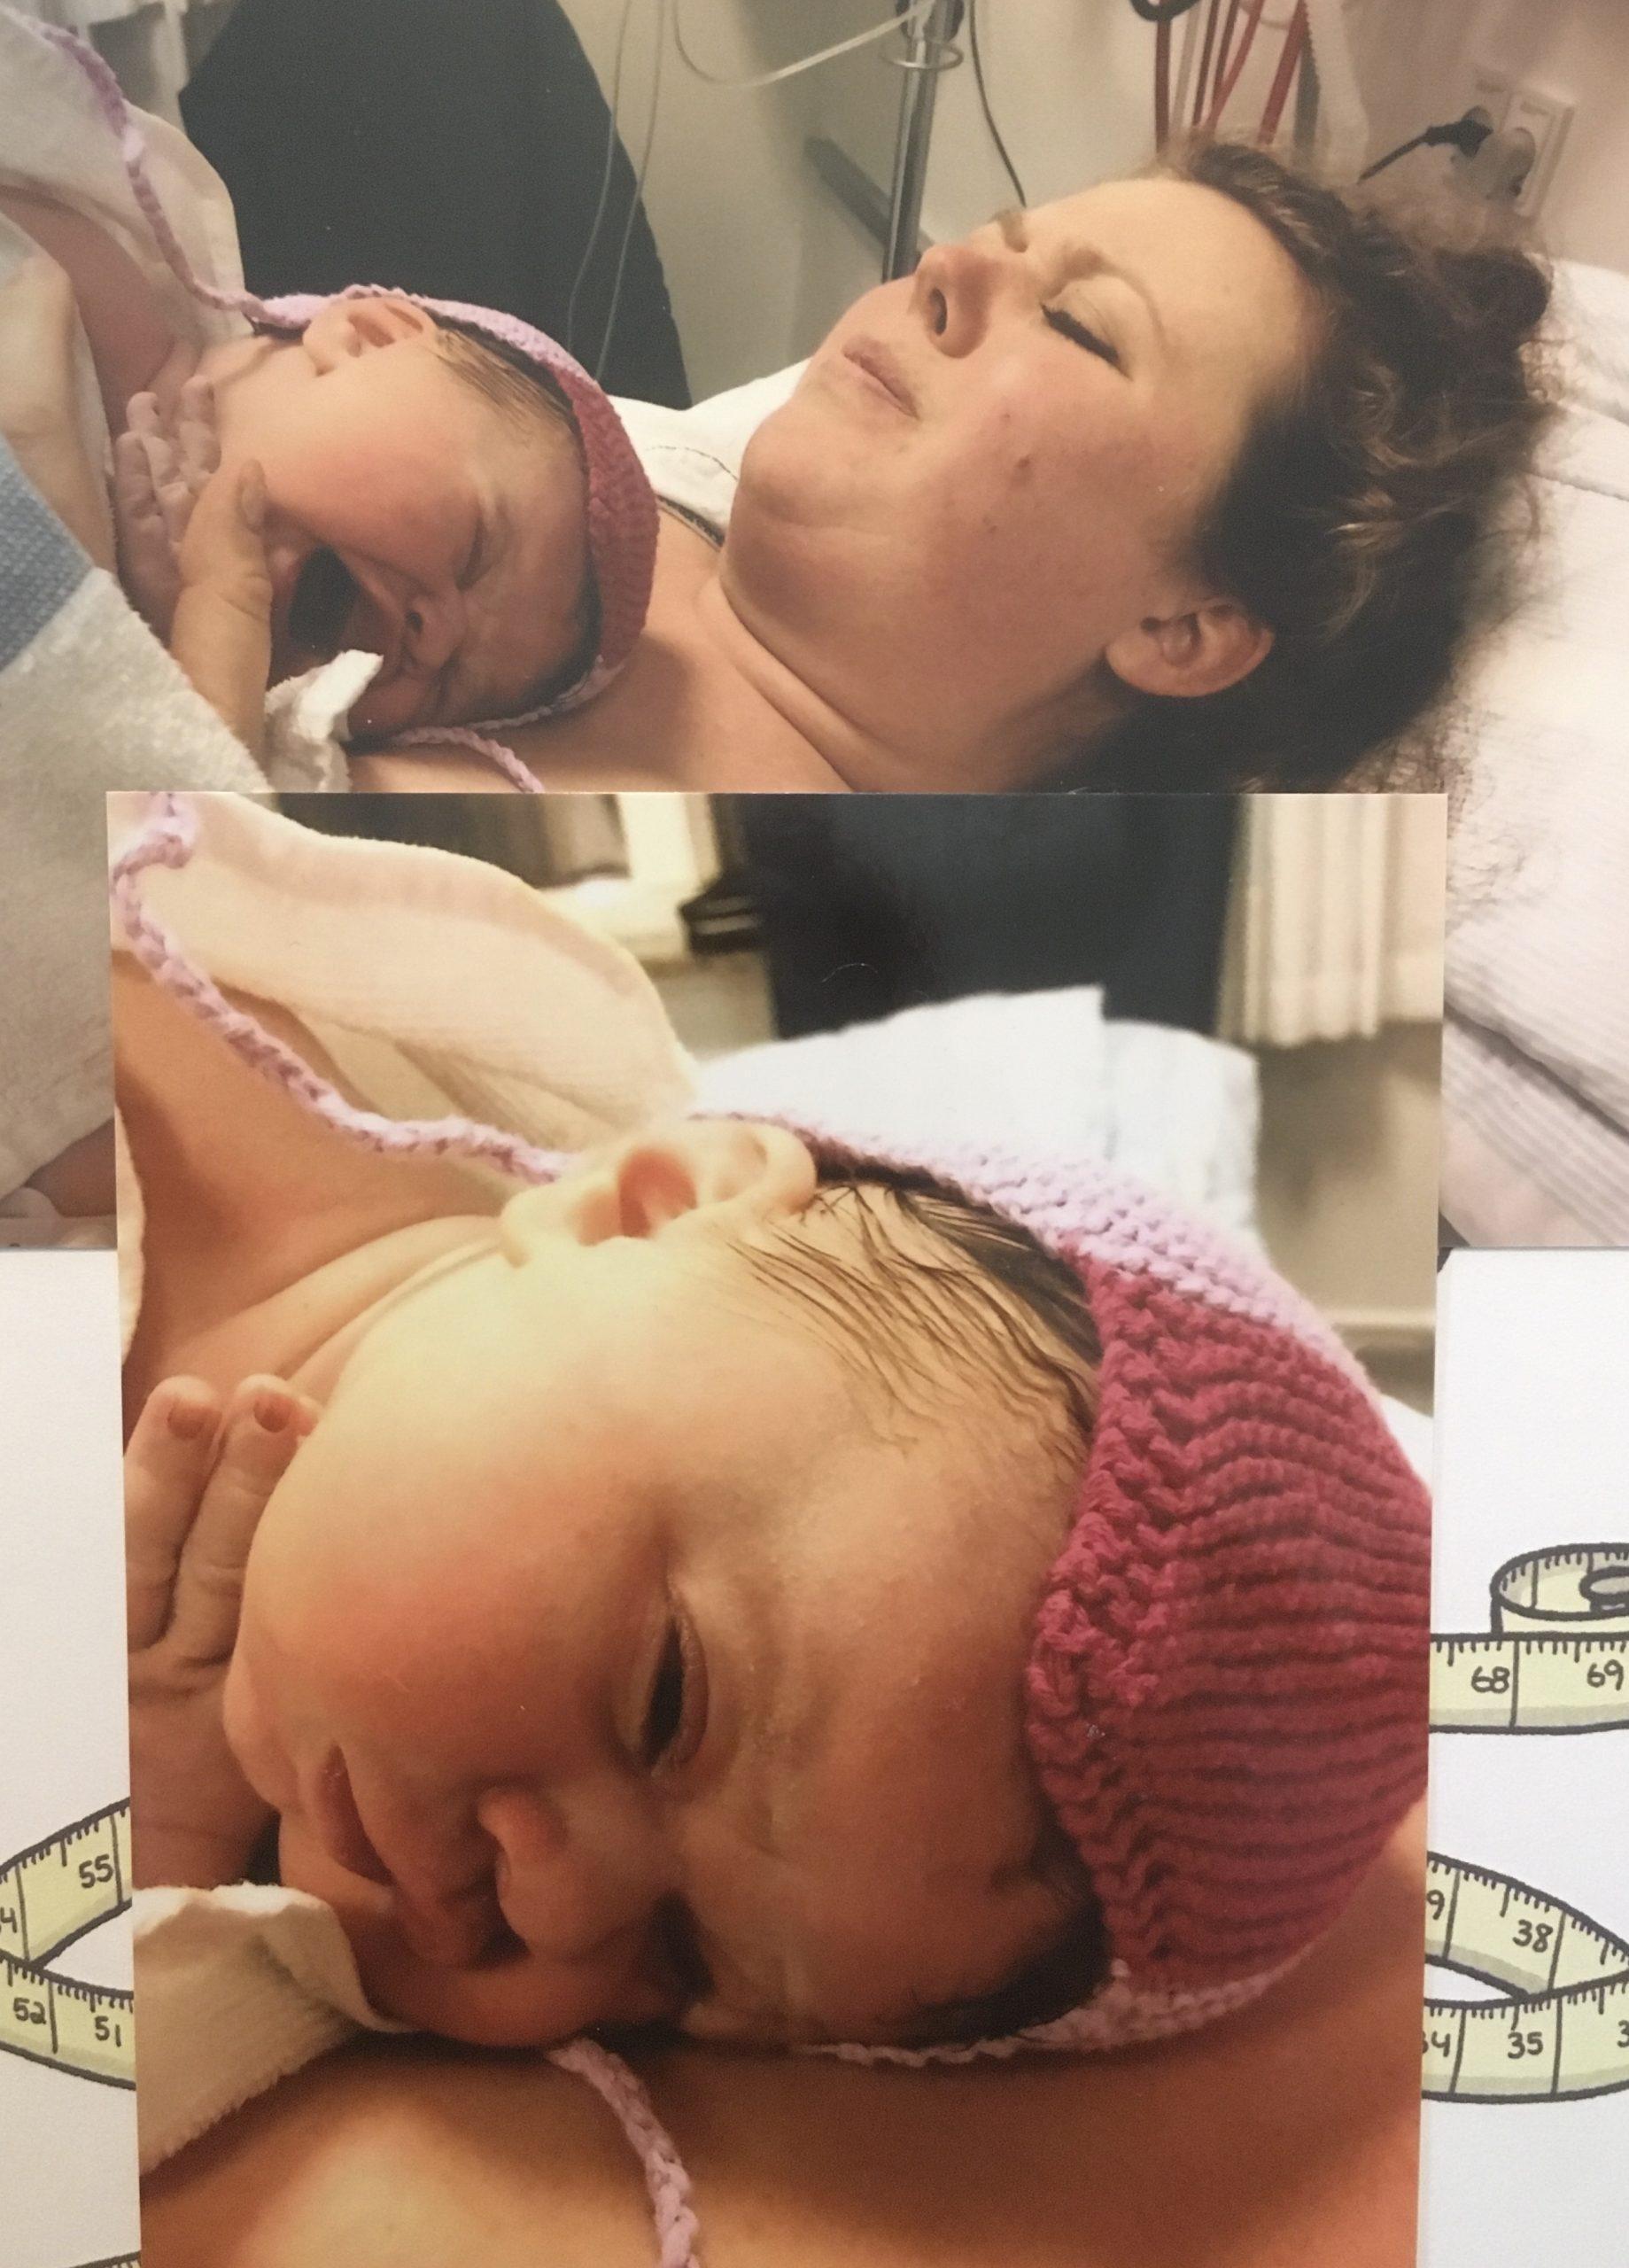 Kristina i hospitalsseng med nyfødt datter